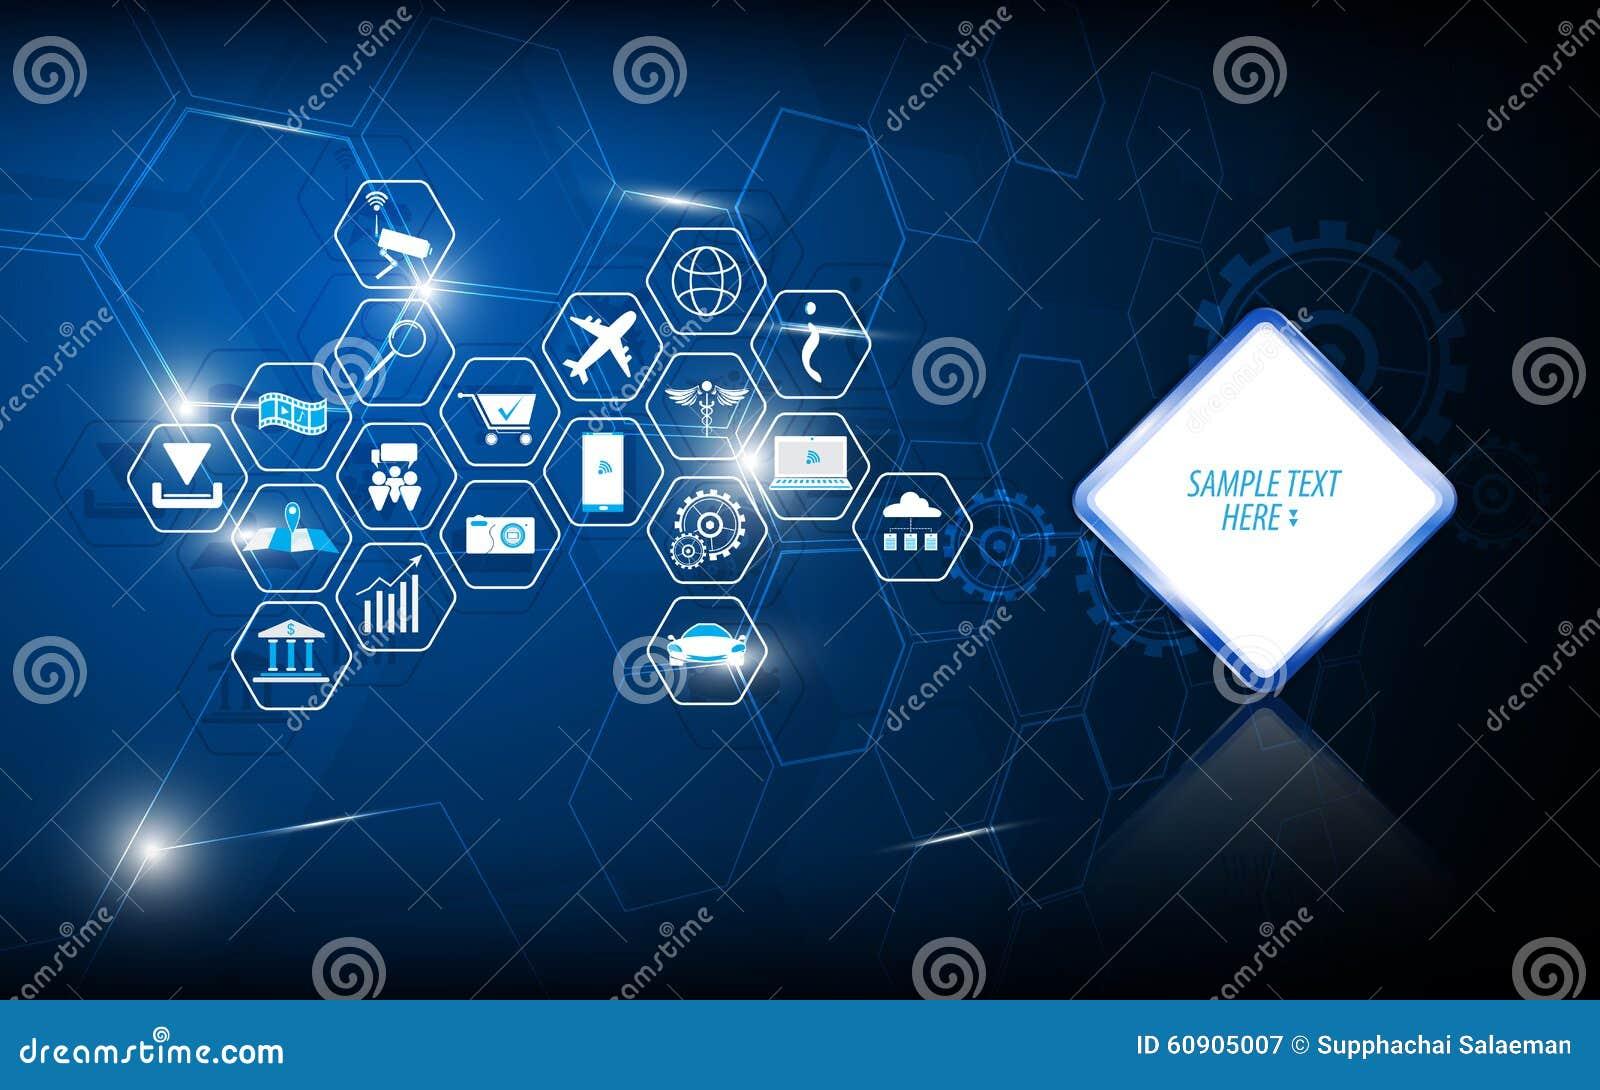 导航抽象背景高科技和科学幻想小说创新概念模板设计eps 10传染媒介.图片